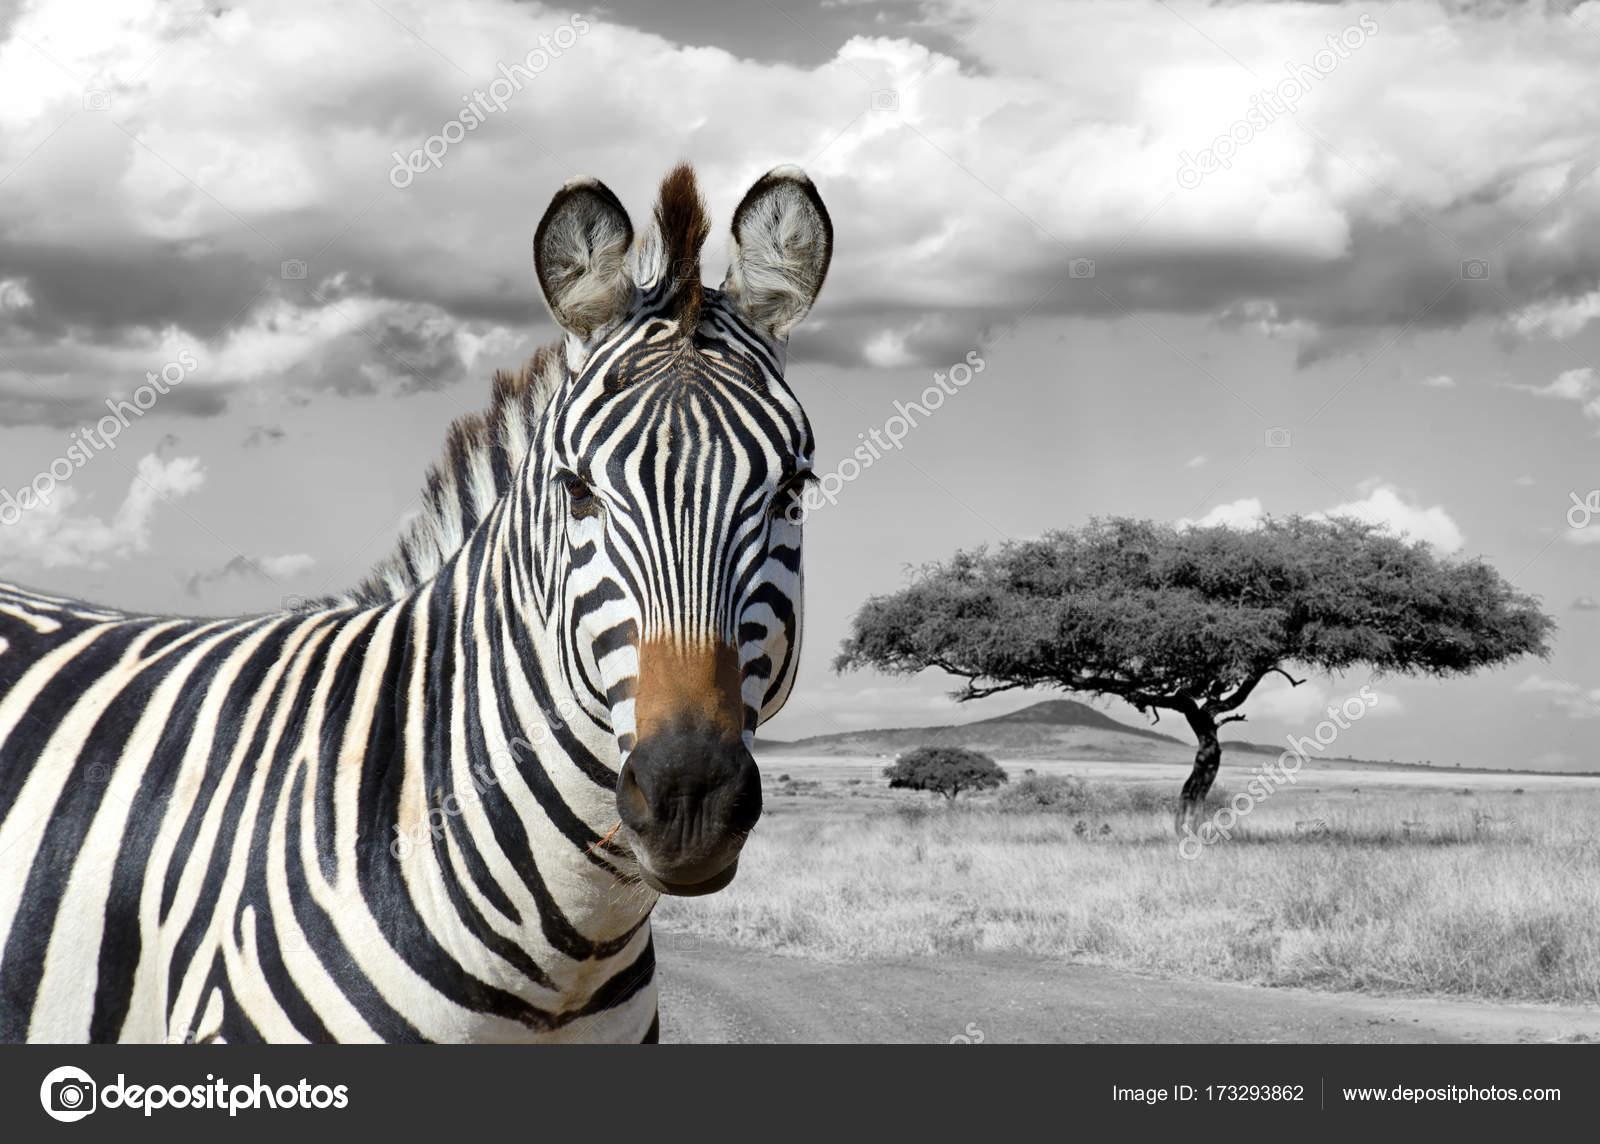 Schwarz Weiß Fotografie Mit Farbe Zebra Stockfoto Volodymyrbur